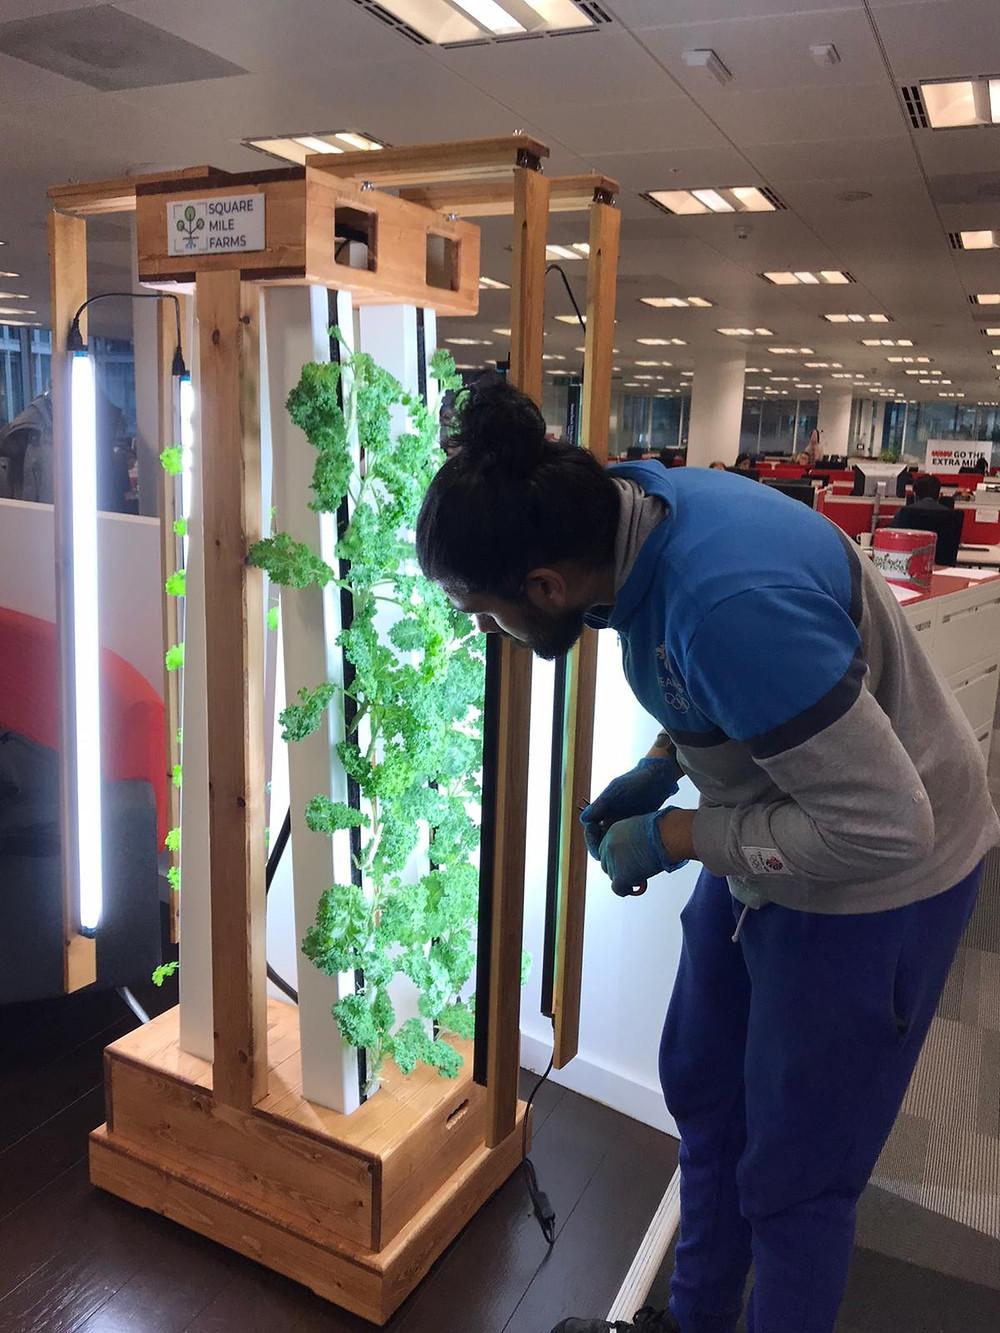 Office farm installation